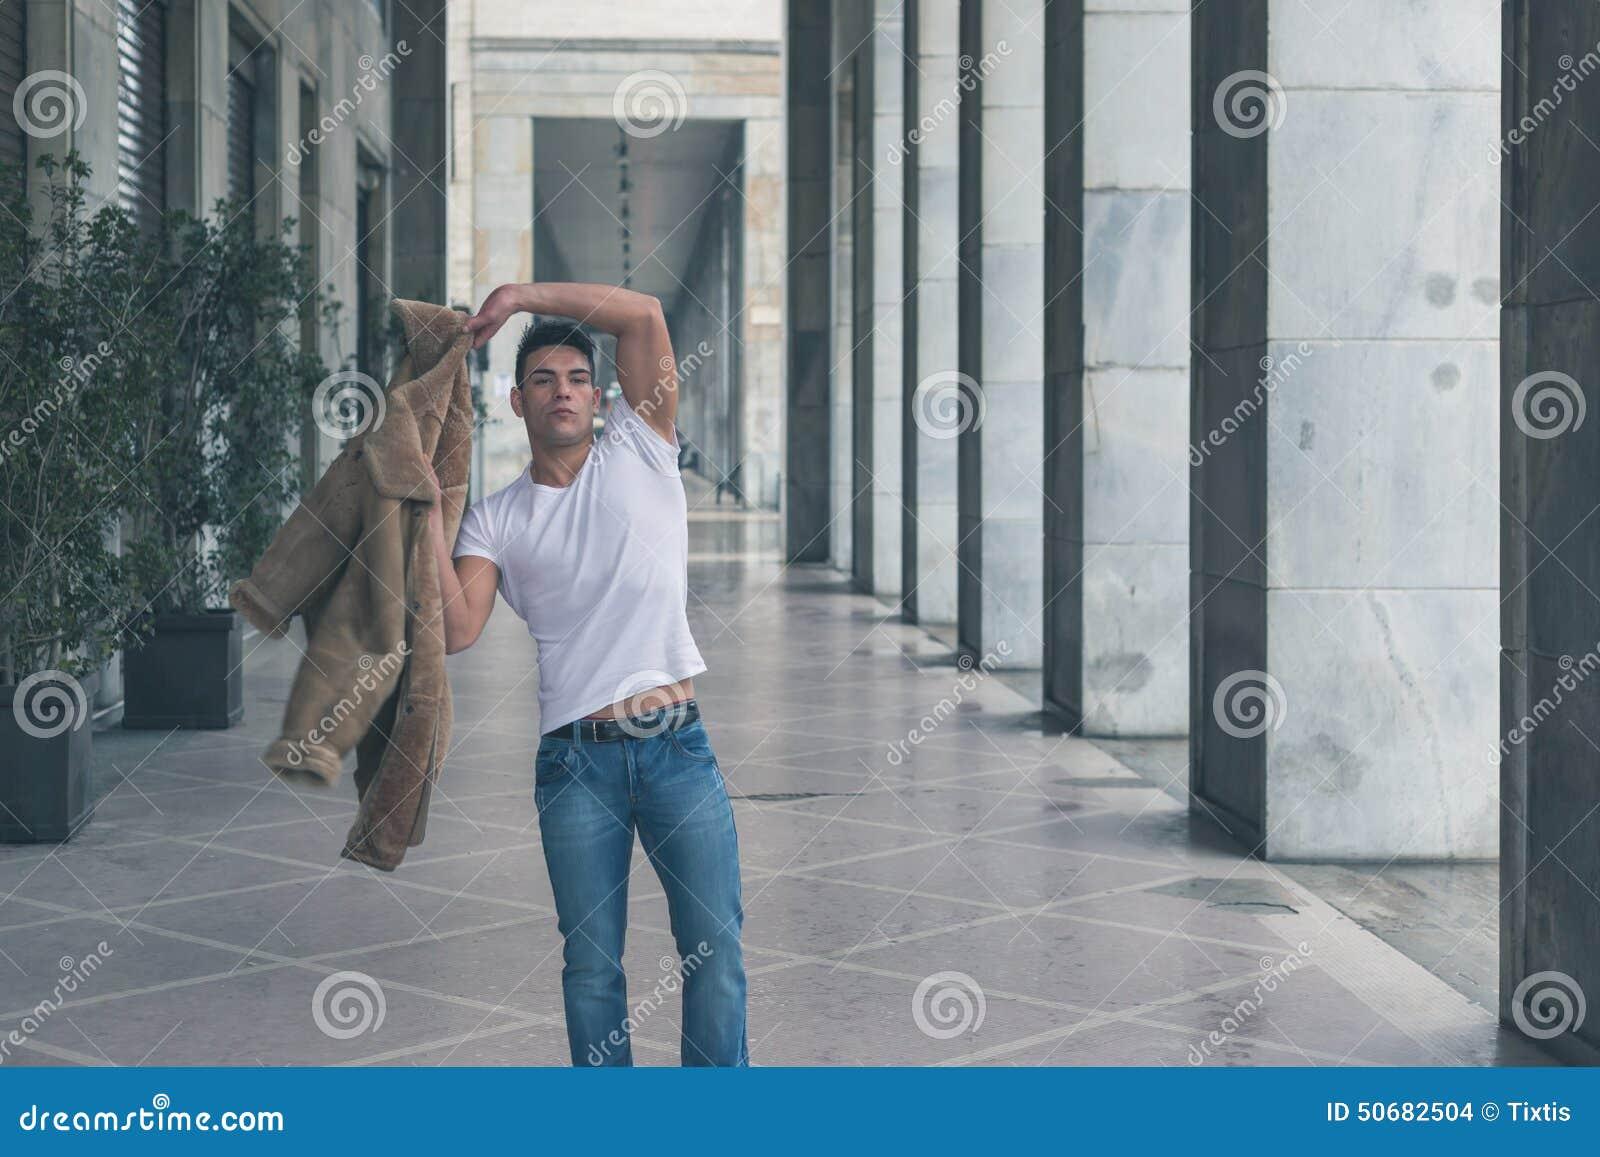 Download 摆在城市街道的年轻英俊的人 库存照片. 图片 包括有 冷静, 纵向, 头发, 偶然, 时髦, 样式, 成人 - 50682504